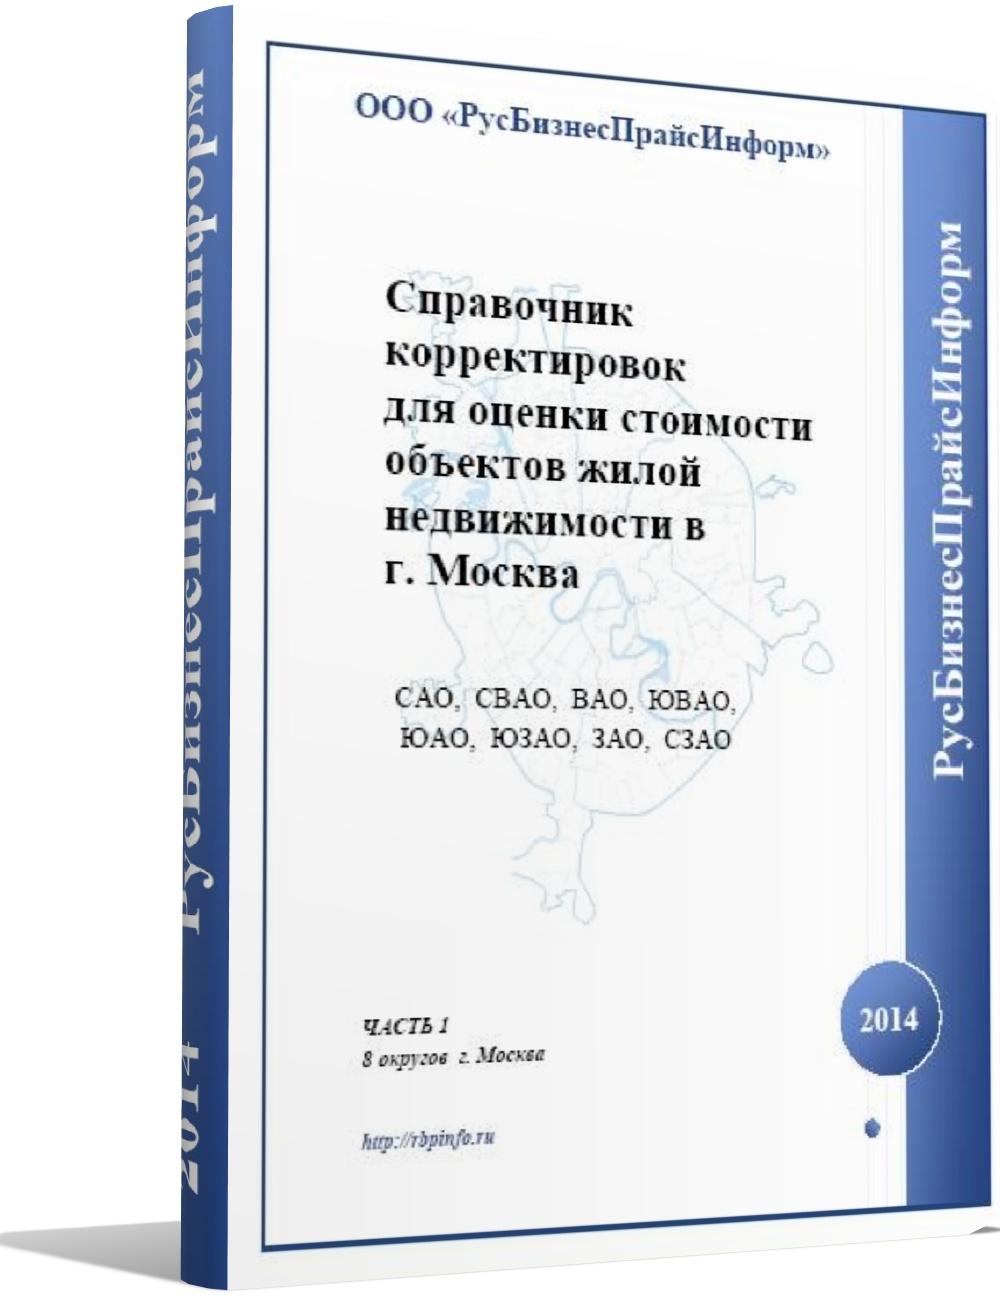 Справочник корректировок для оценки стоимости объектов жилой недвижимости в г. Москва (Часть 1) 2014